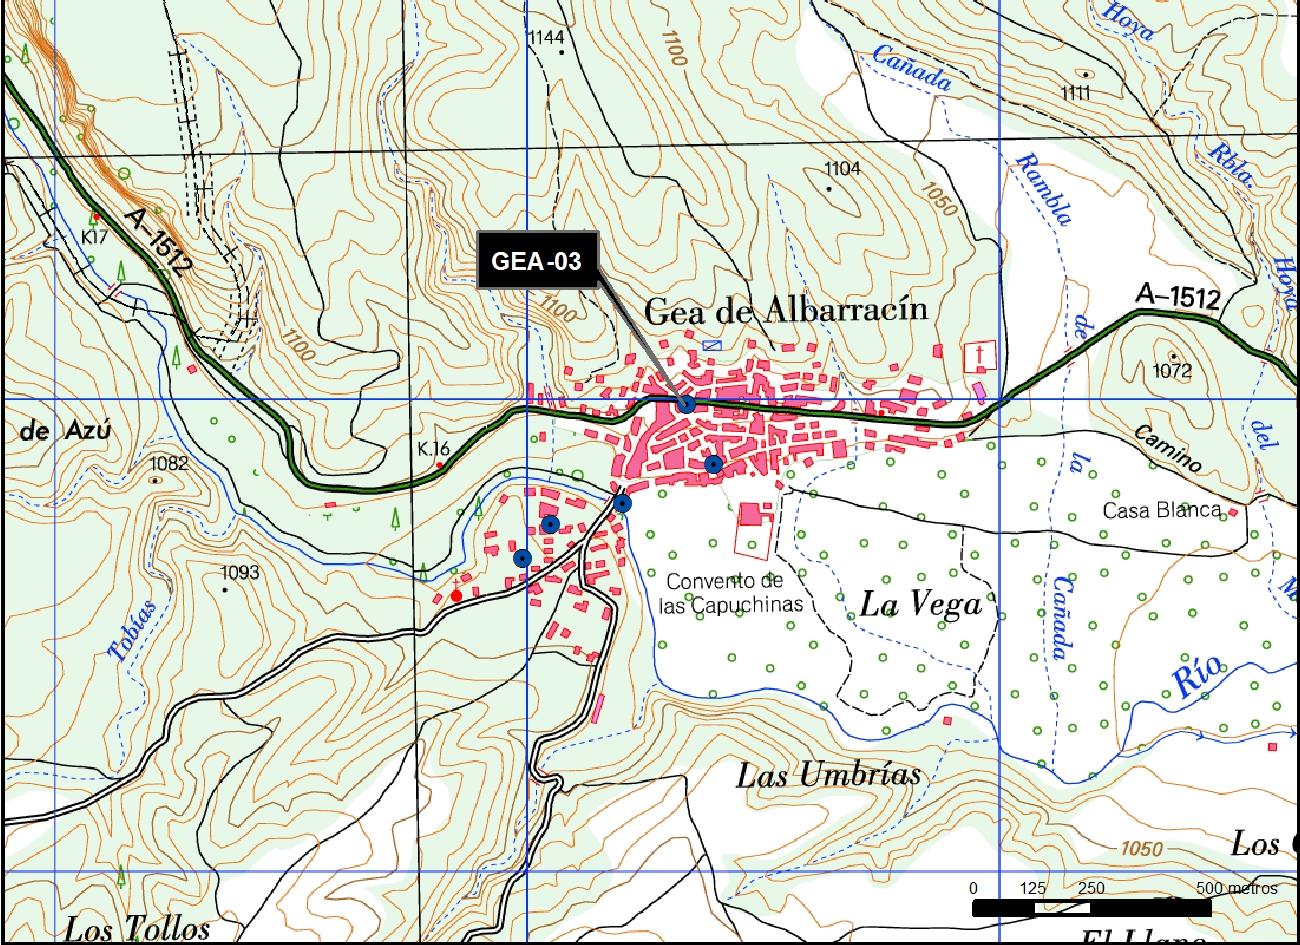 GEA_03_M.V.LOZANO_CARRETERA_MAP.TOPO 2